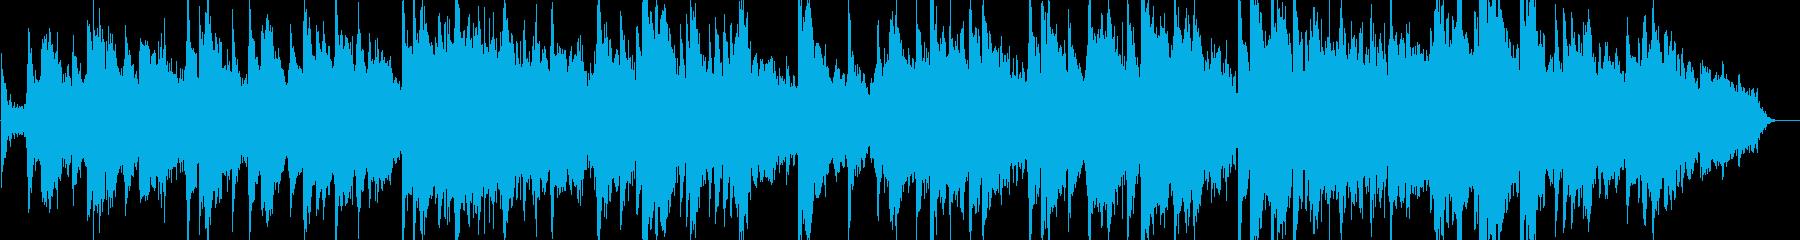 ボイスシンセとピアノによる即興曲の再生済みの波形